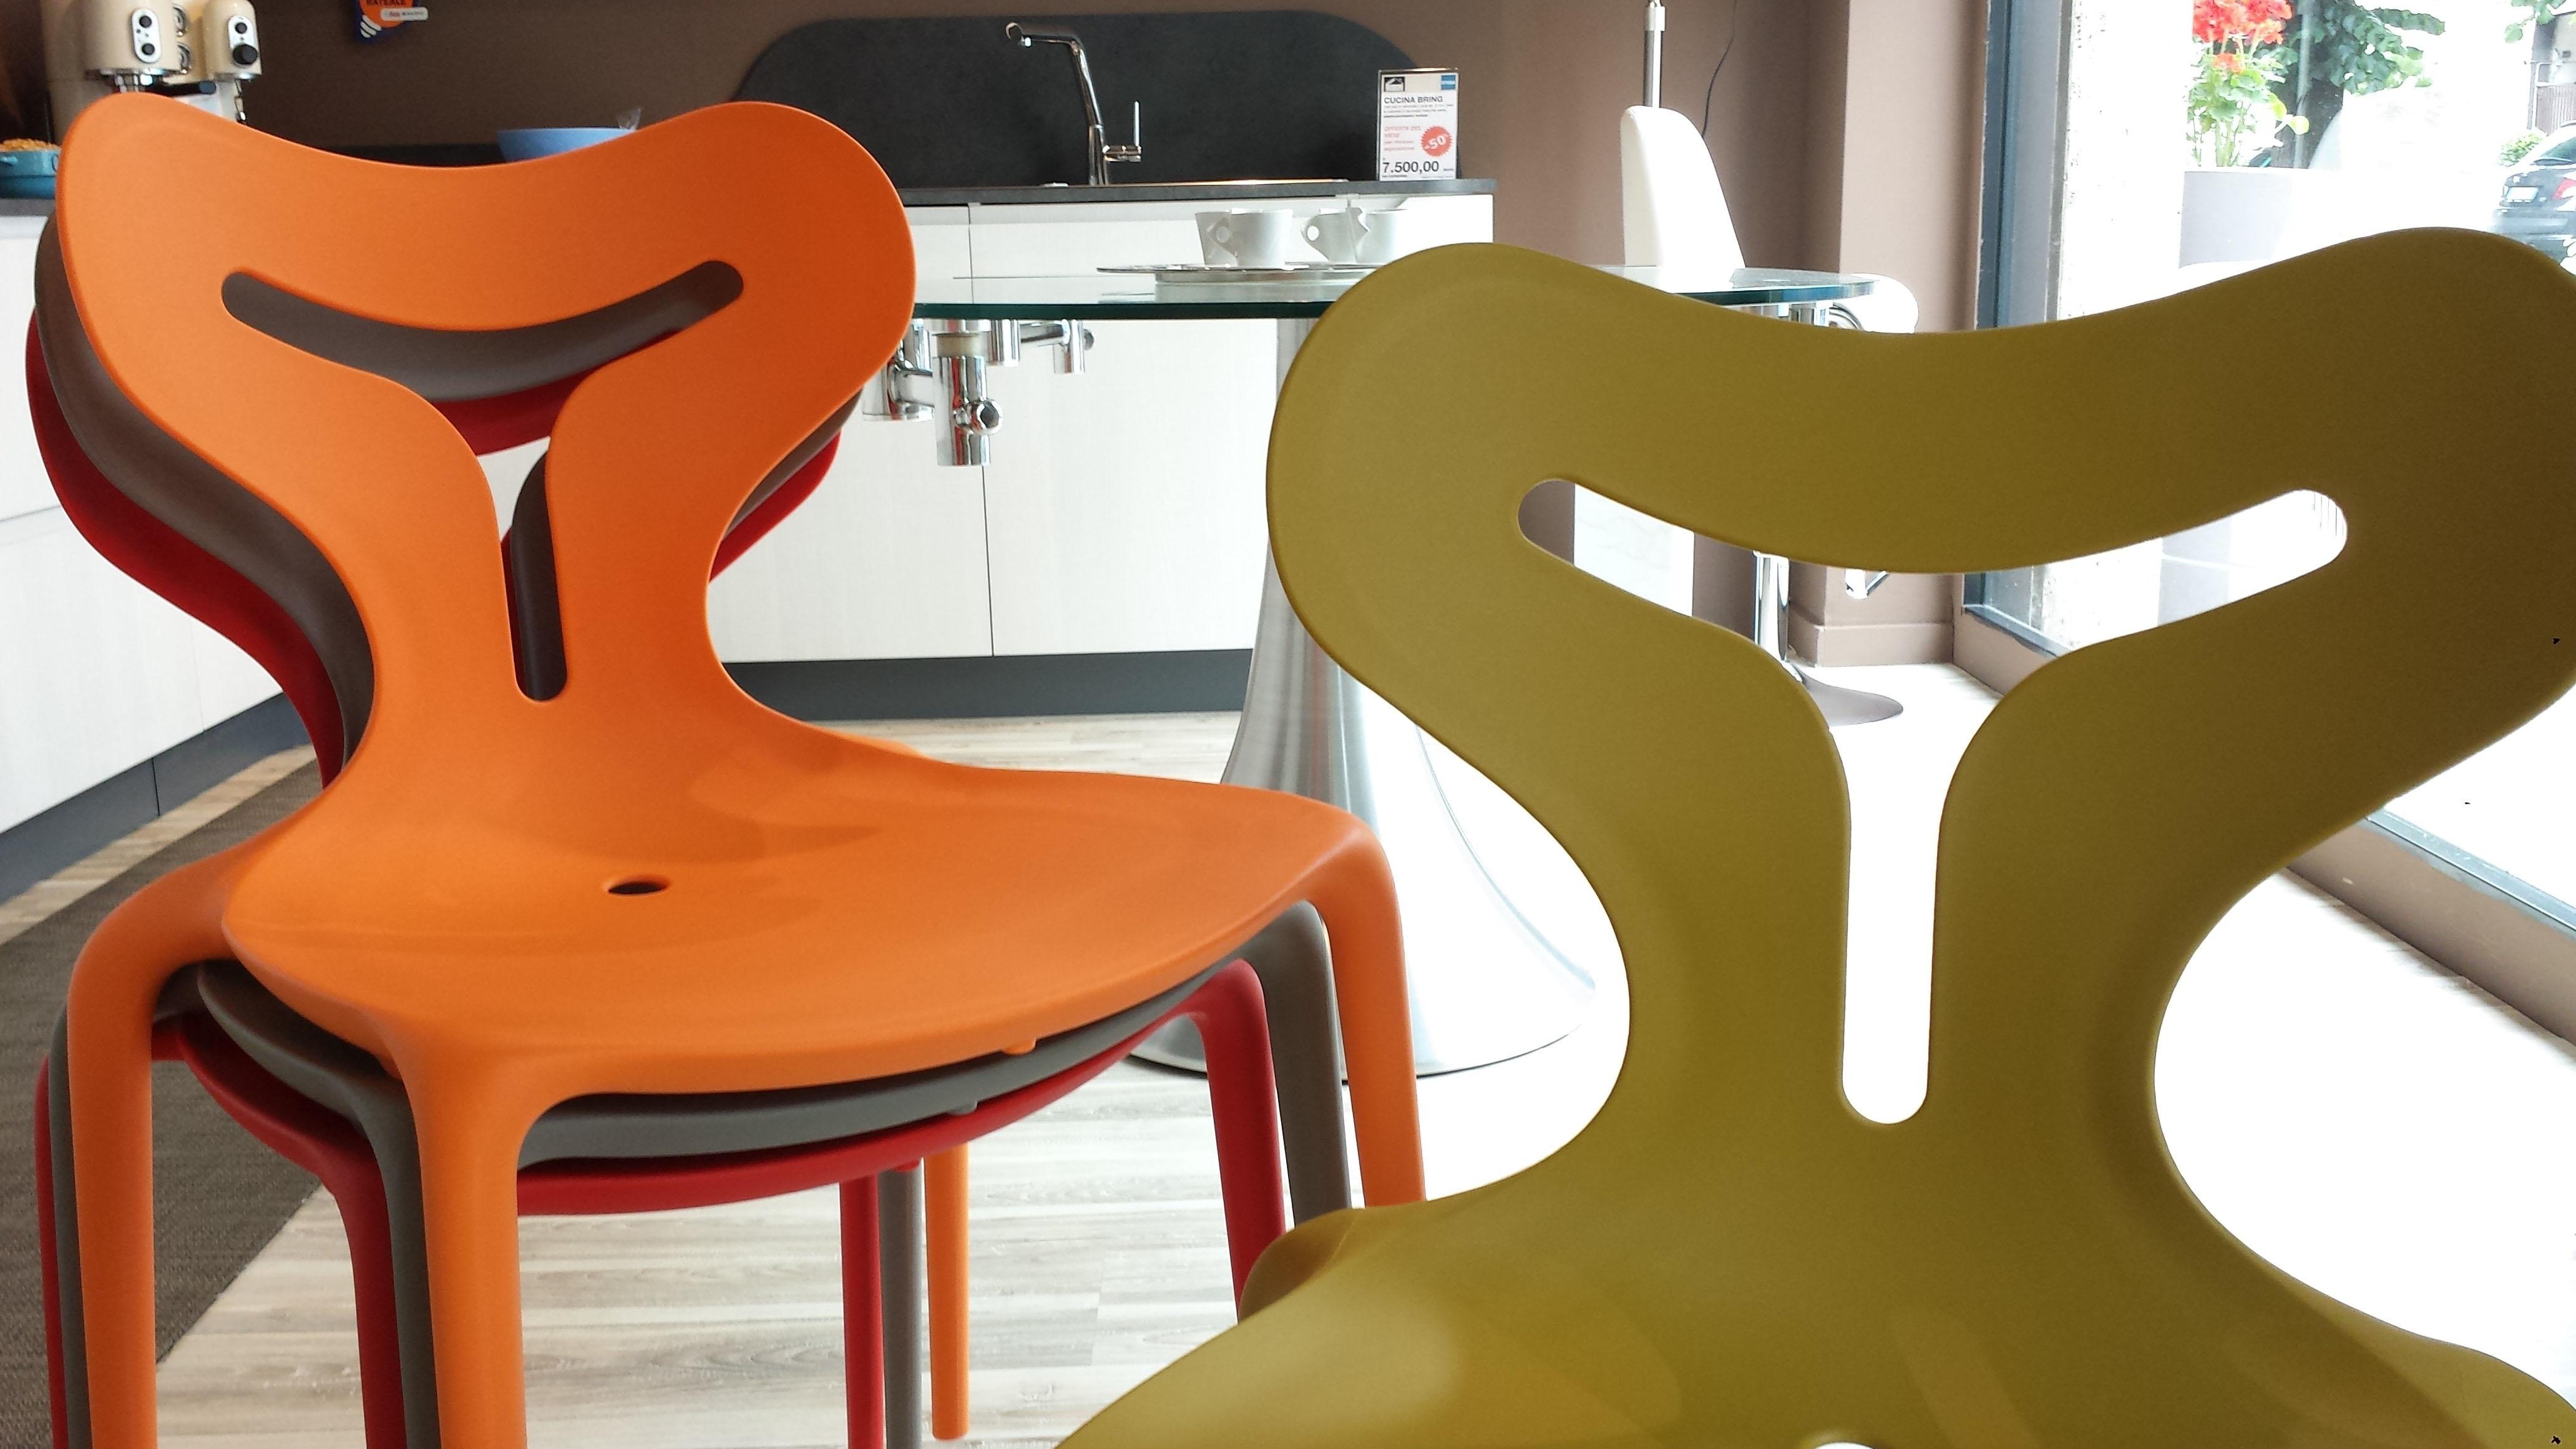 Sedia calligaris area51 sedie a prezzi scontati for Offerta sedie legno